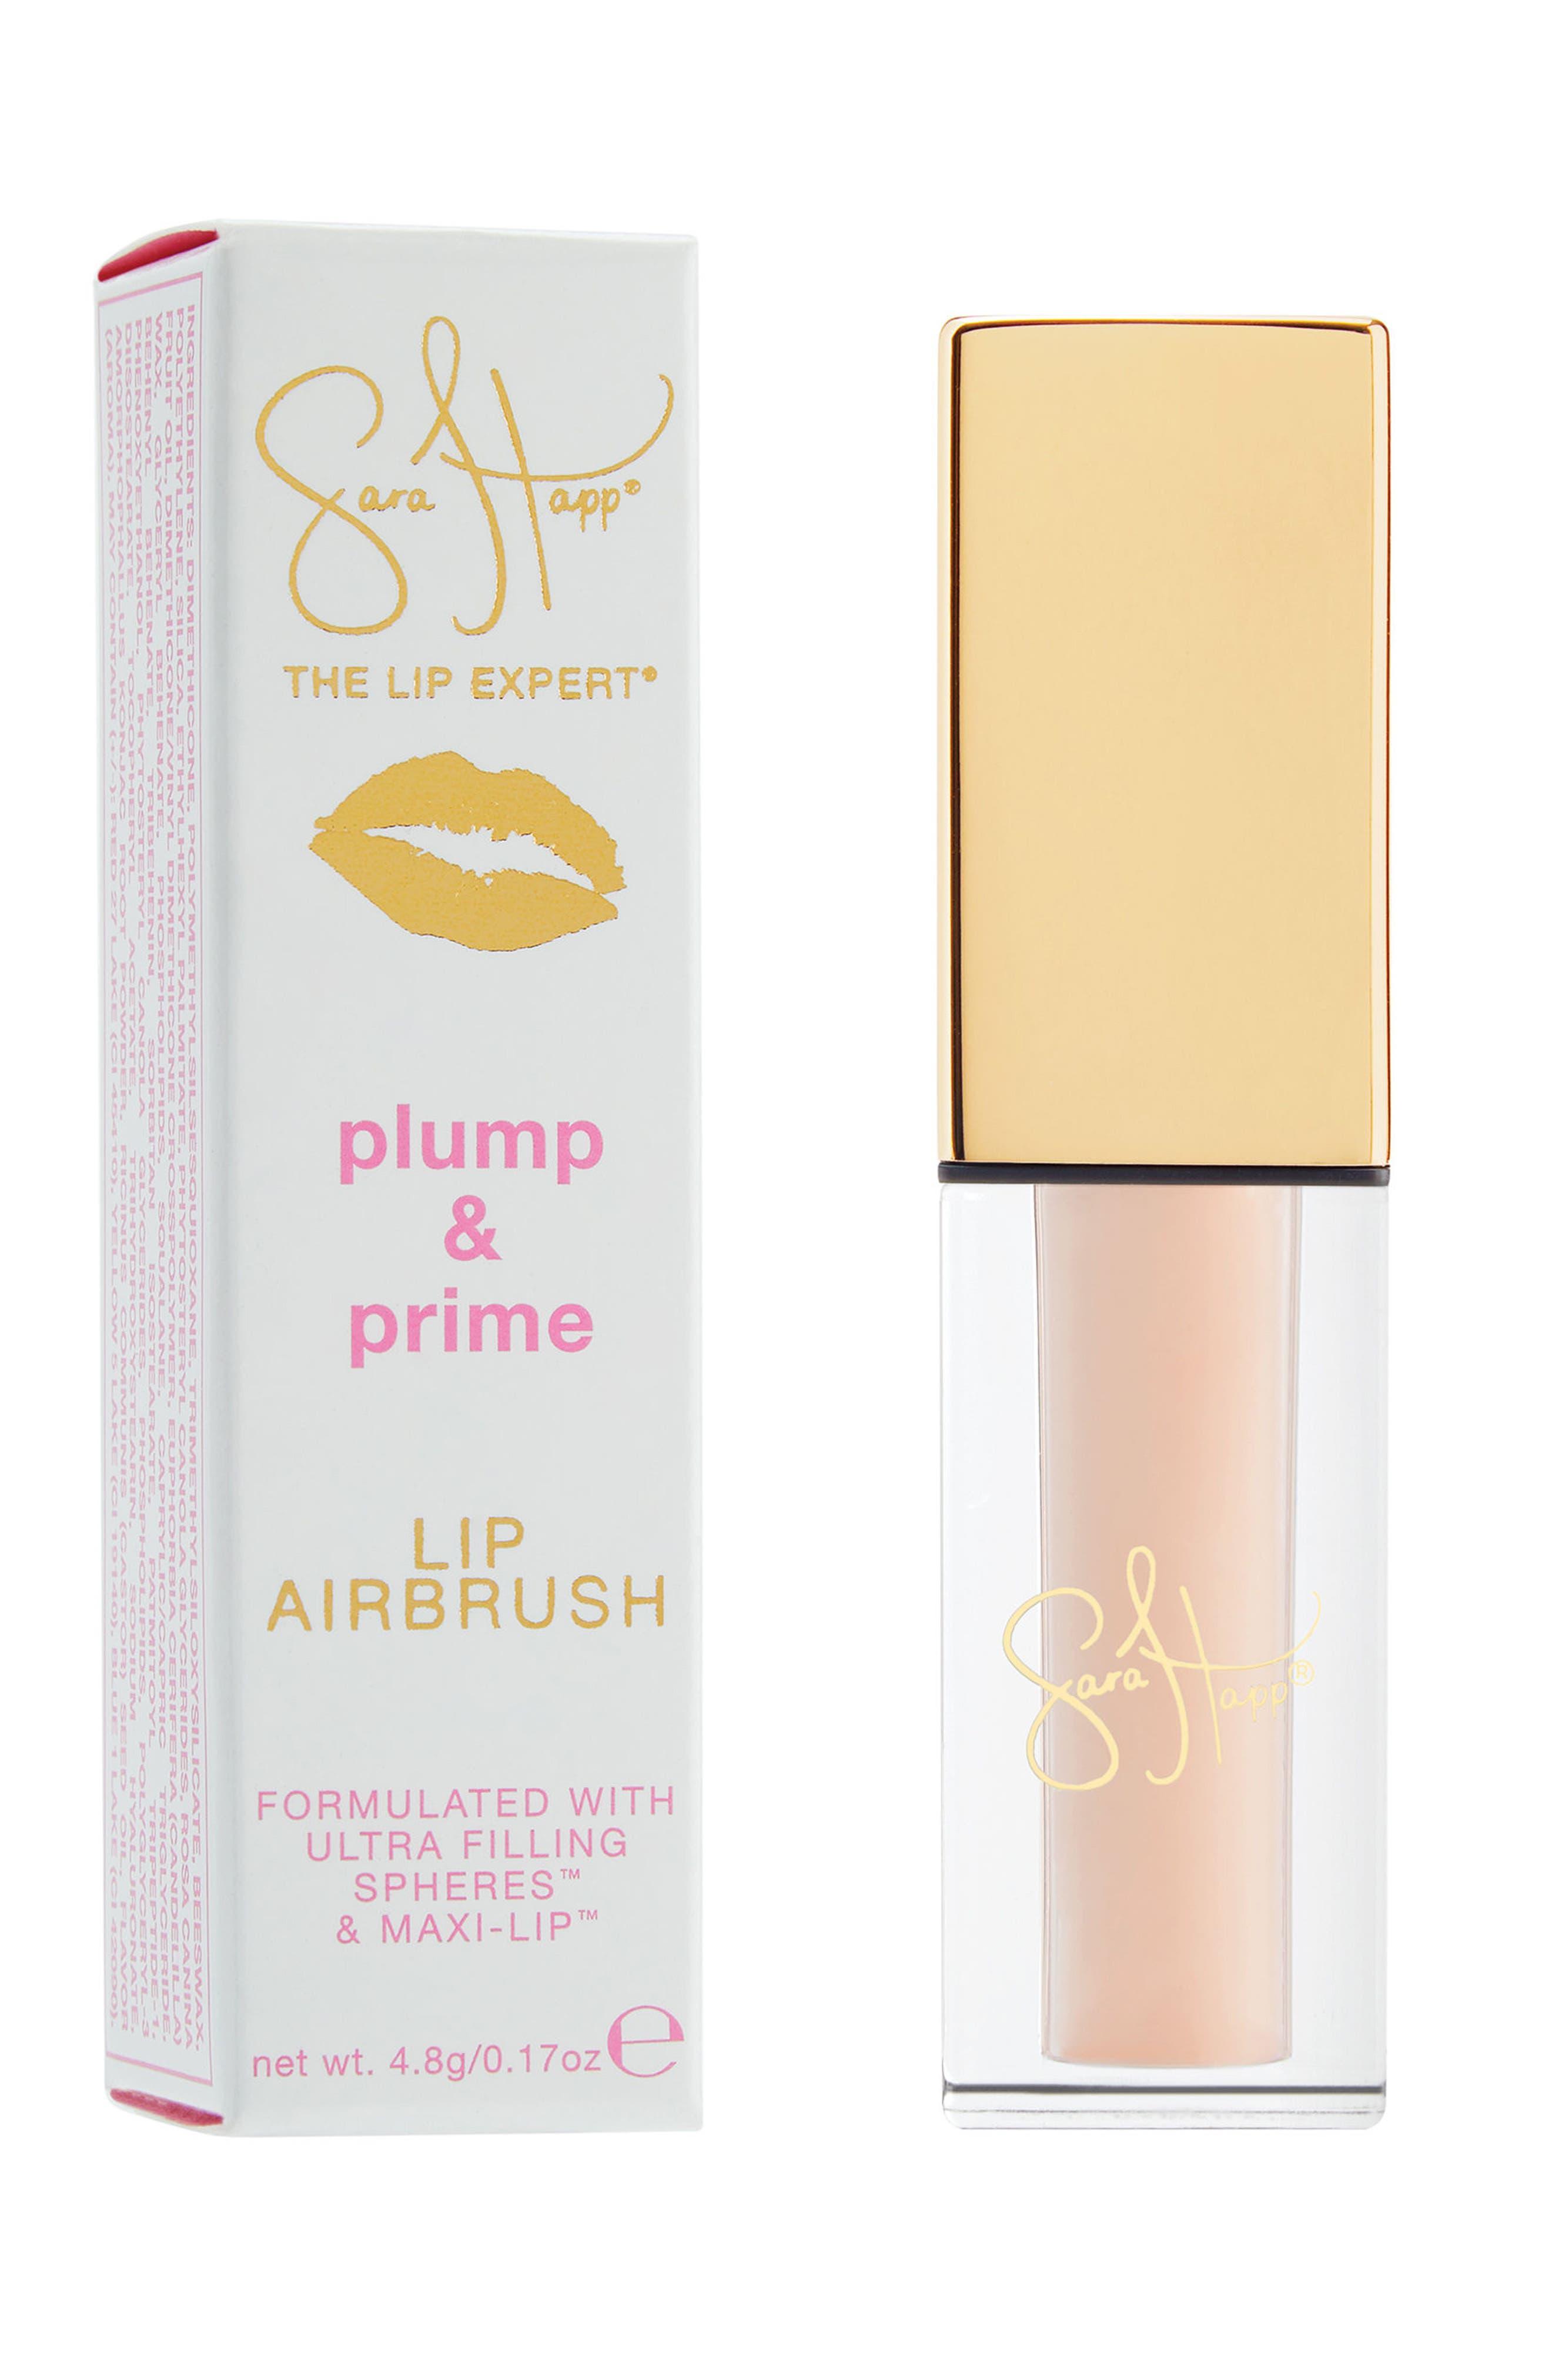 Alternate Image 1 Selected - sara happ® Plump & Prime Lip Airbrush